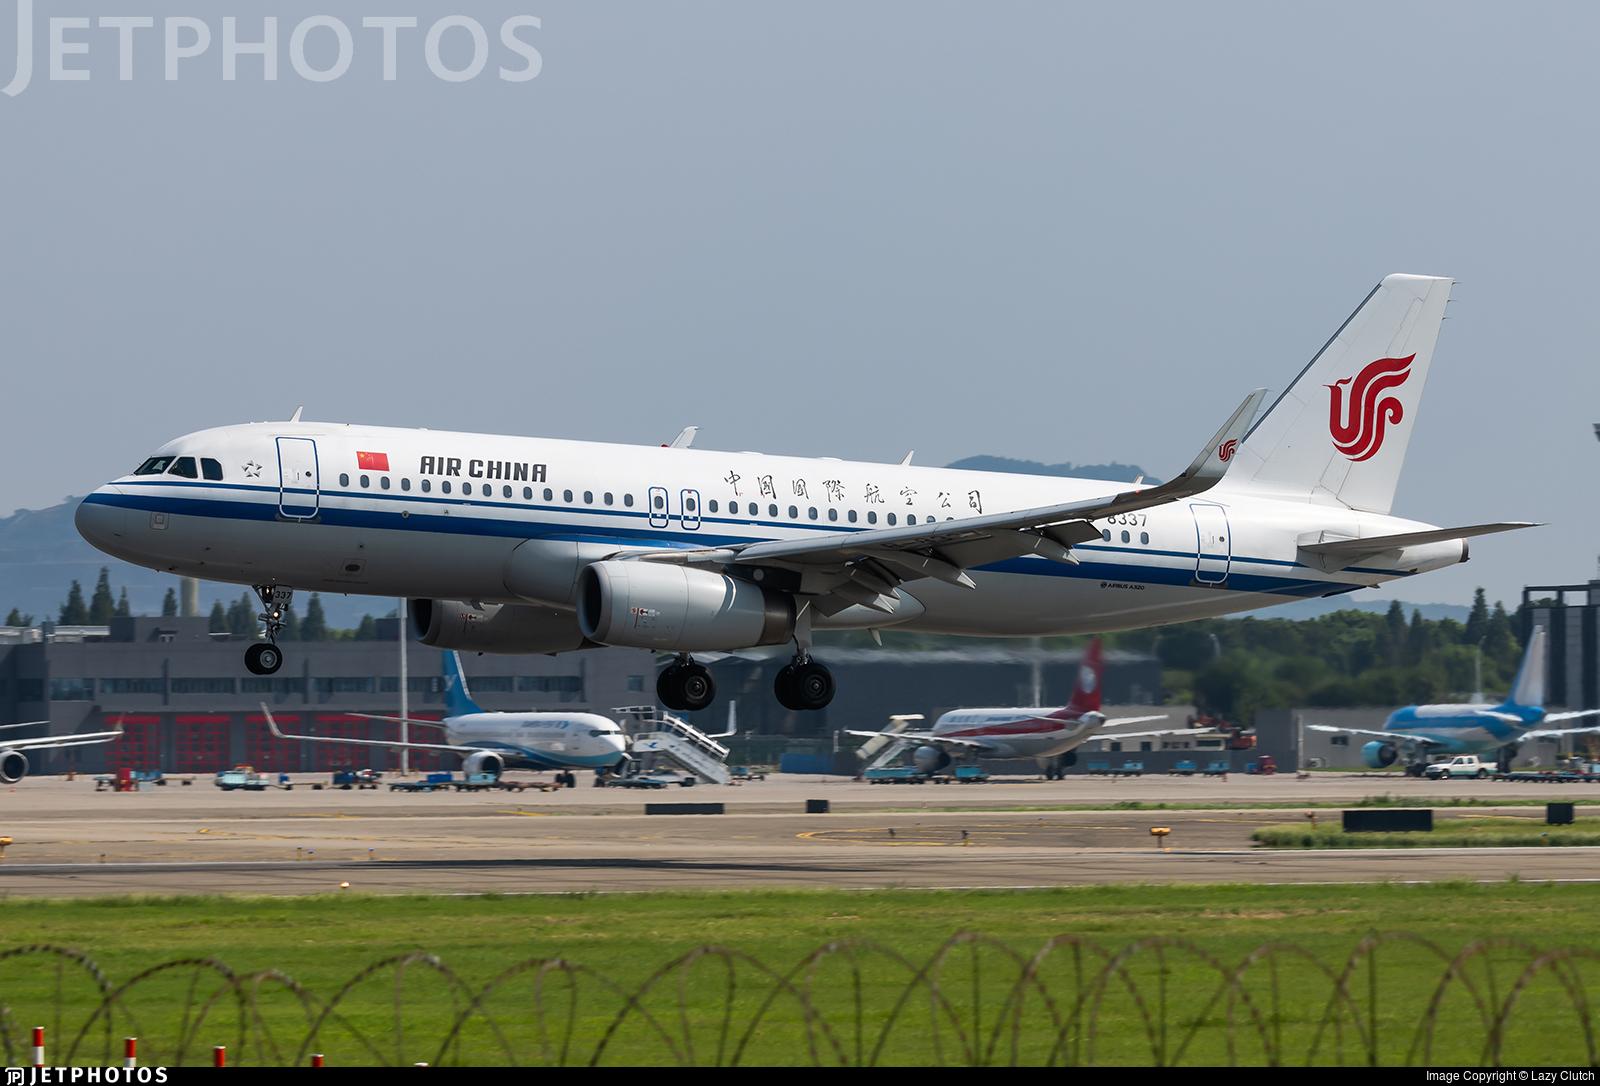 B-8337 - Airbus A320-232 - Air China